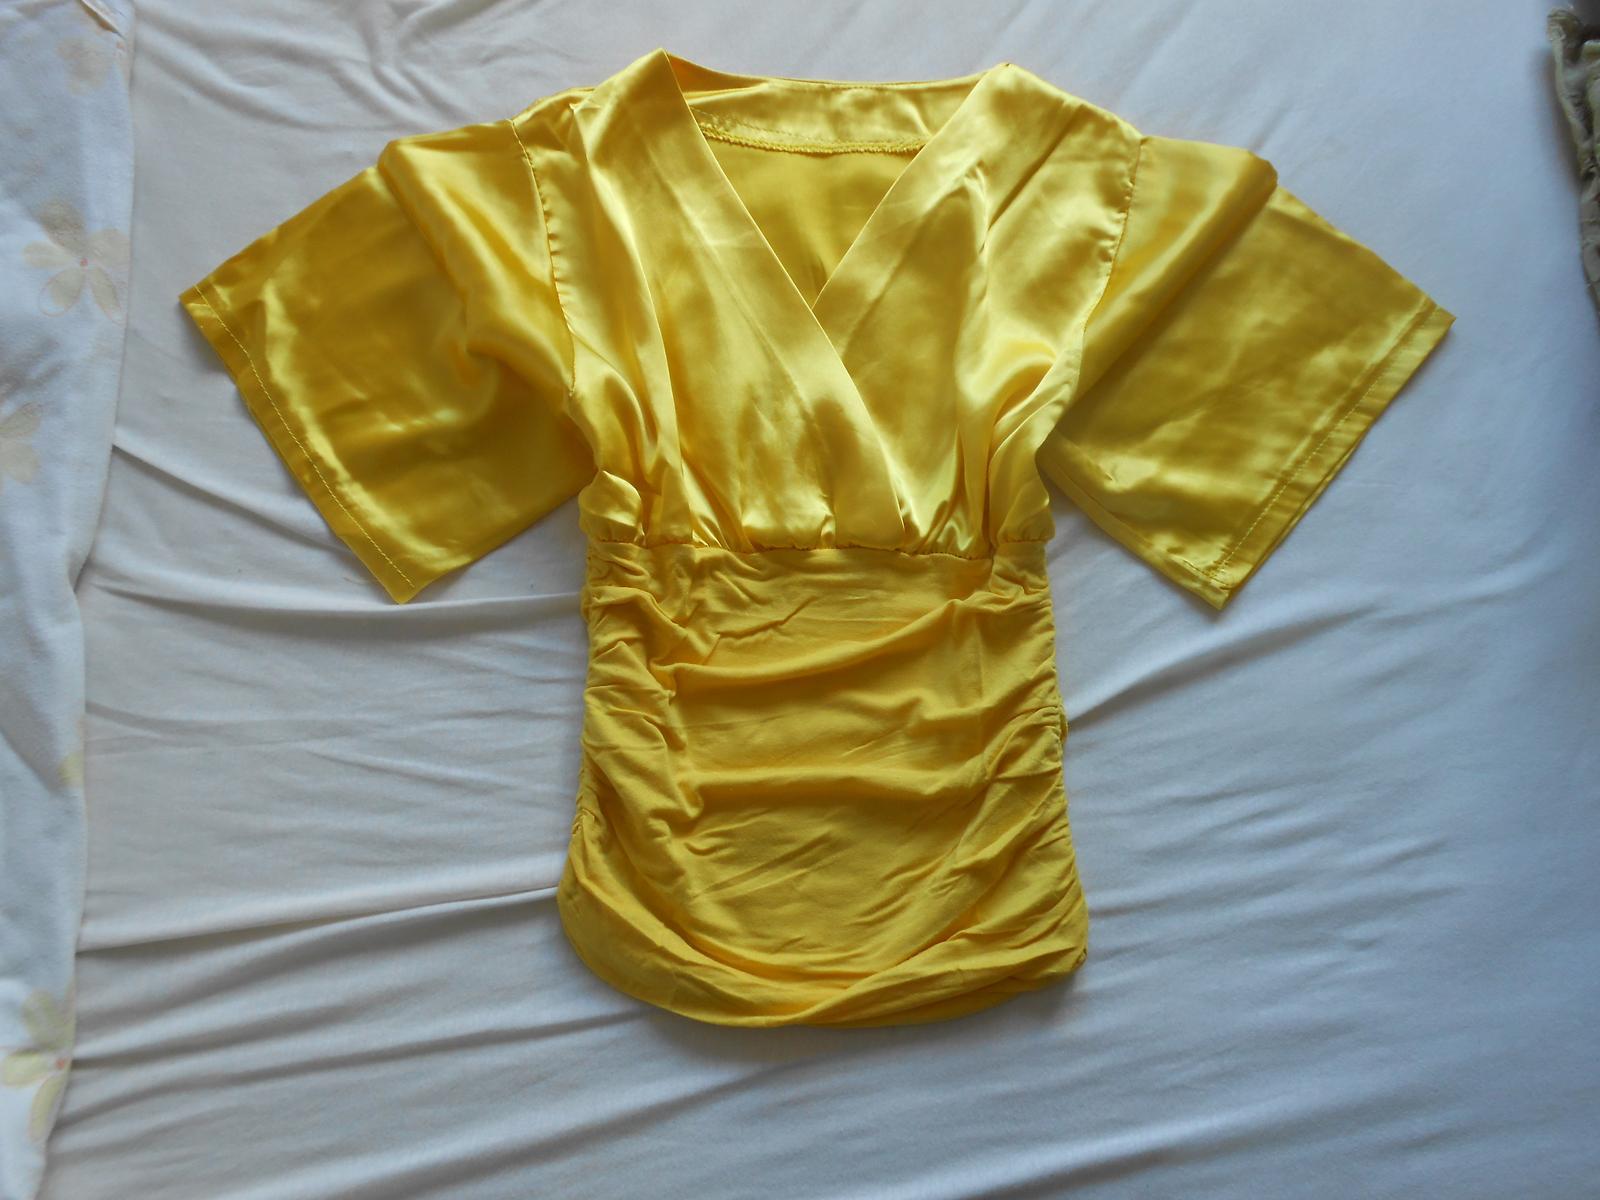 Zlatá/žltá saténová blúzka/top - Obrázok č. 2